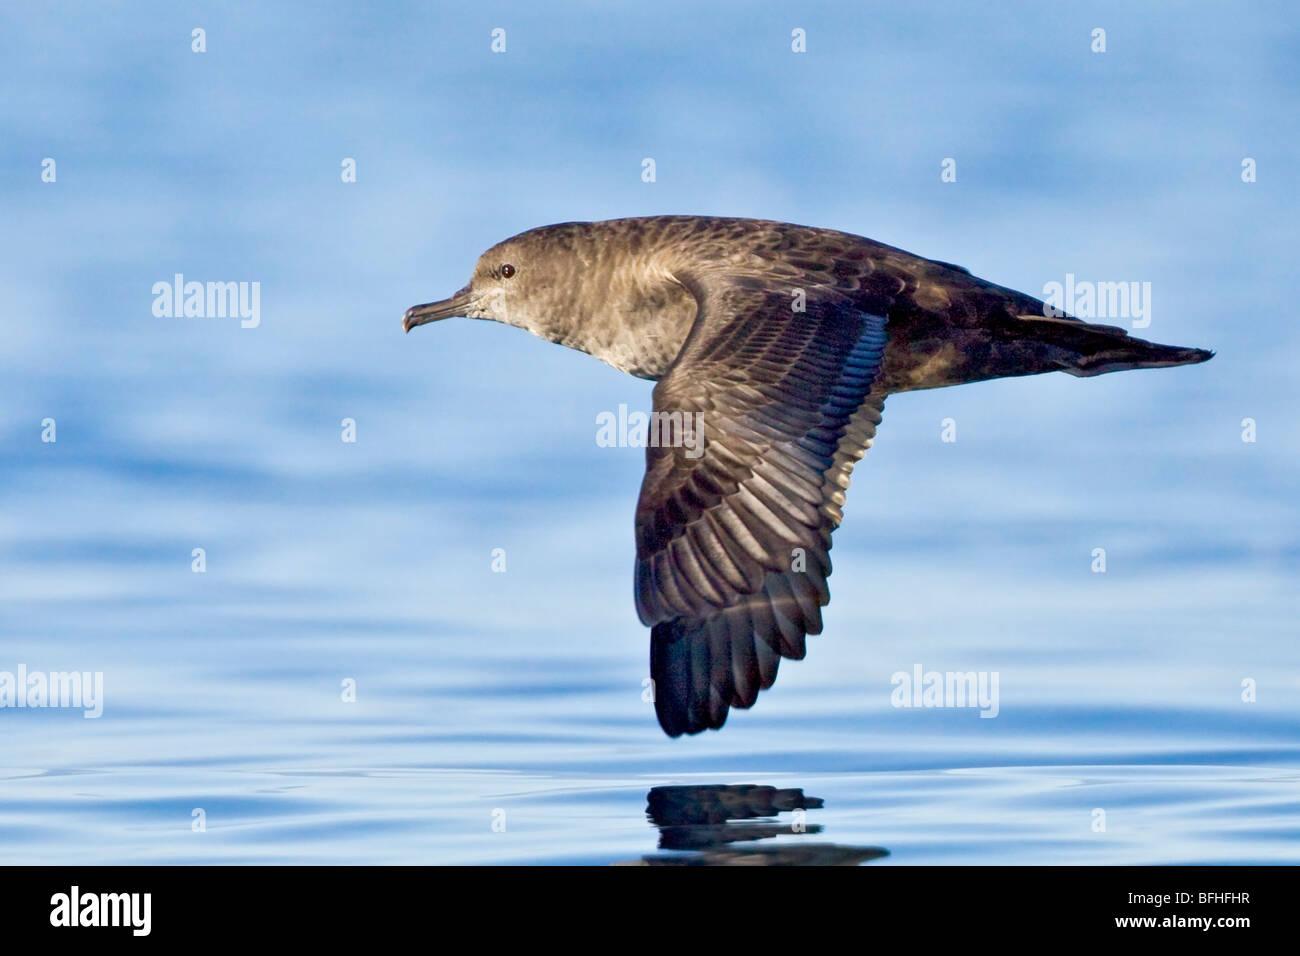 Pardela de hollín (Puffinus griseus) volando cerca de la costa de Victoria, BC, Canadá. Imagen De Stock